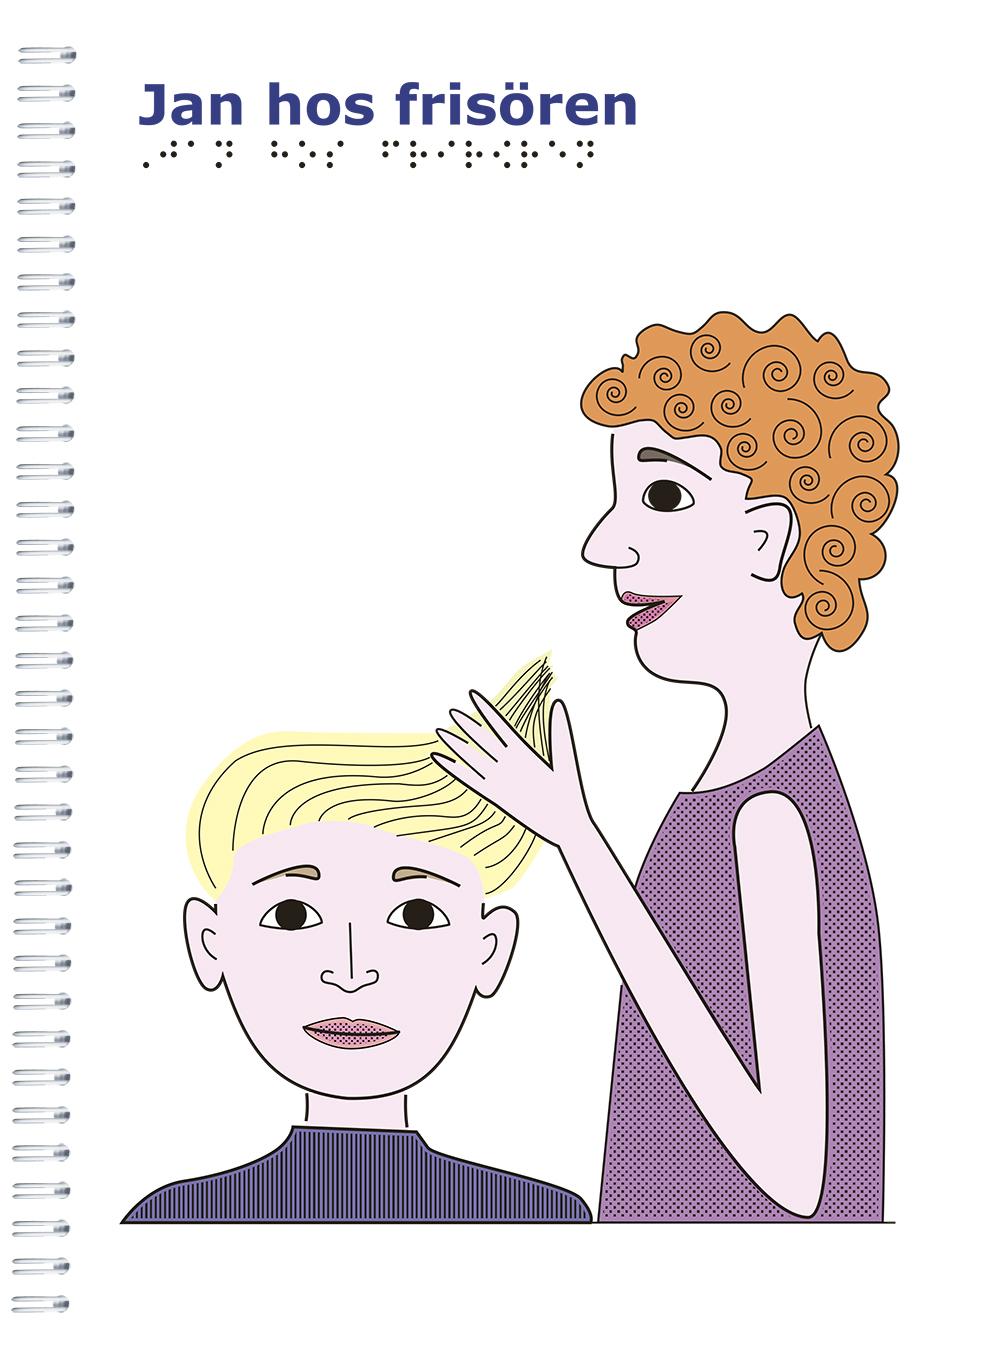 Pojke med blont hår blir friserad av en kvinna med rött lockigt hår.